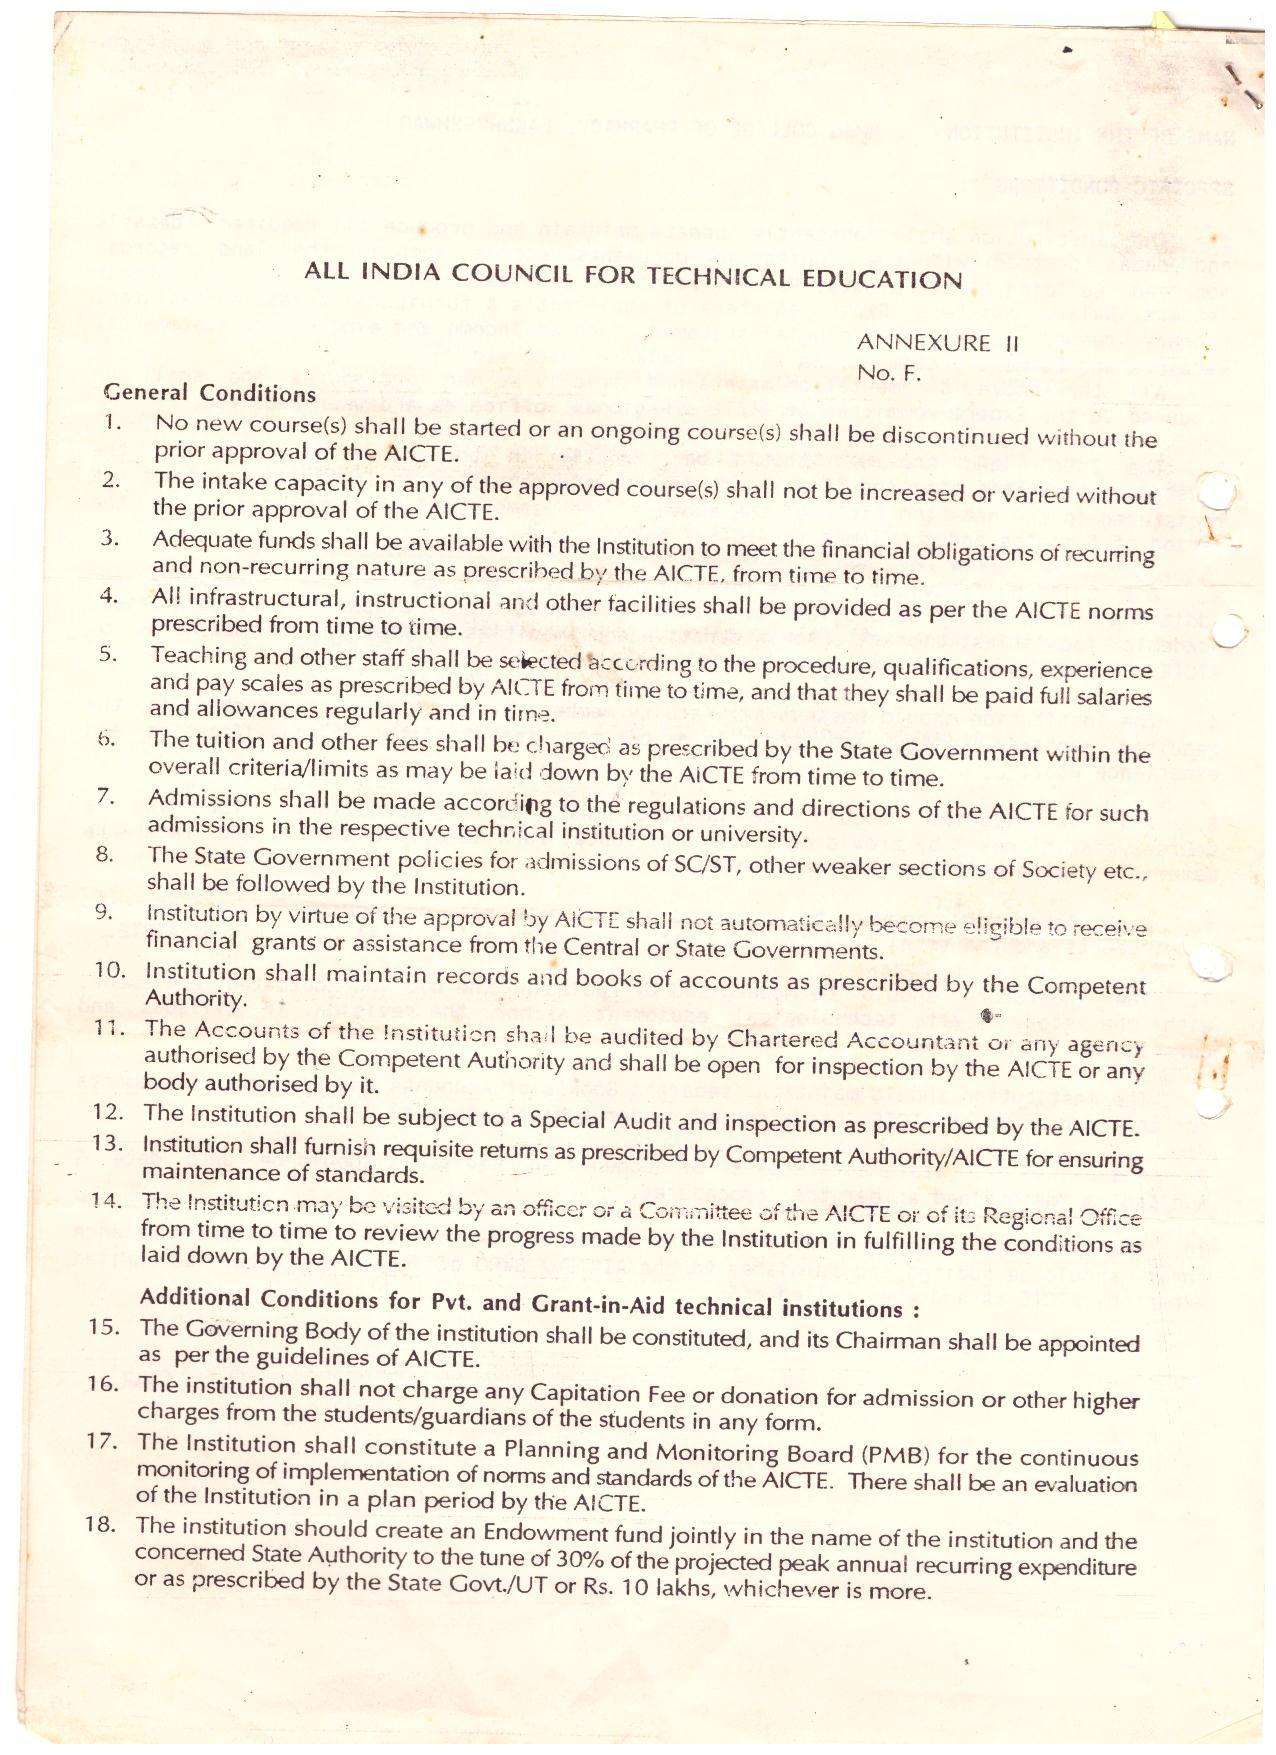 AICTE Approval Copy 1998-99 (4)